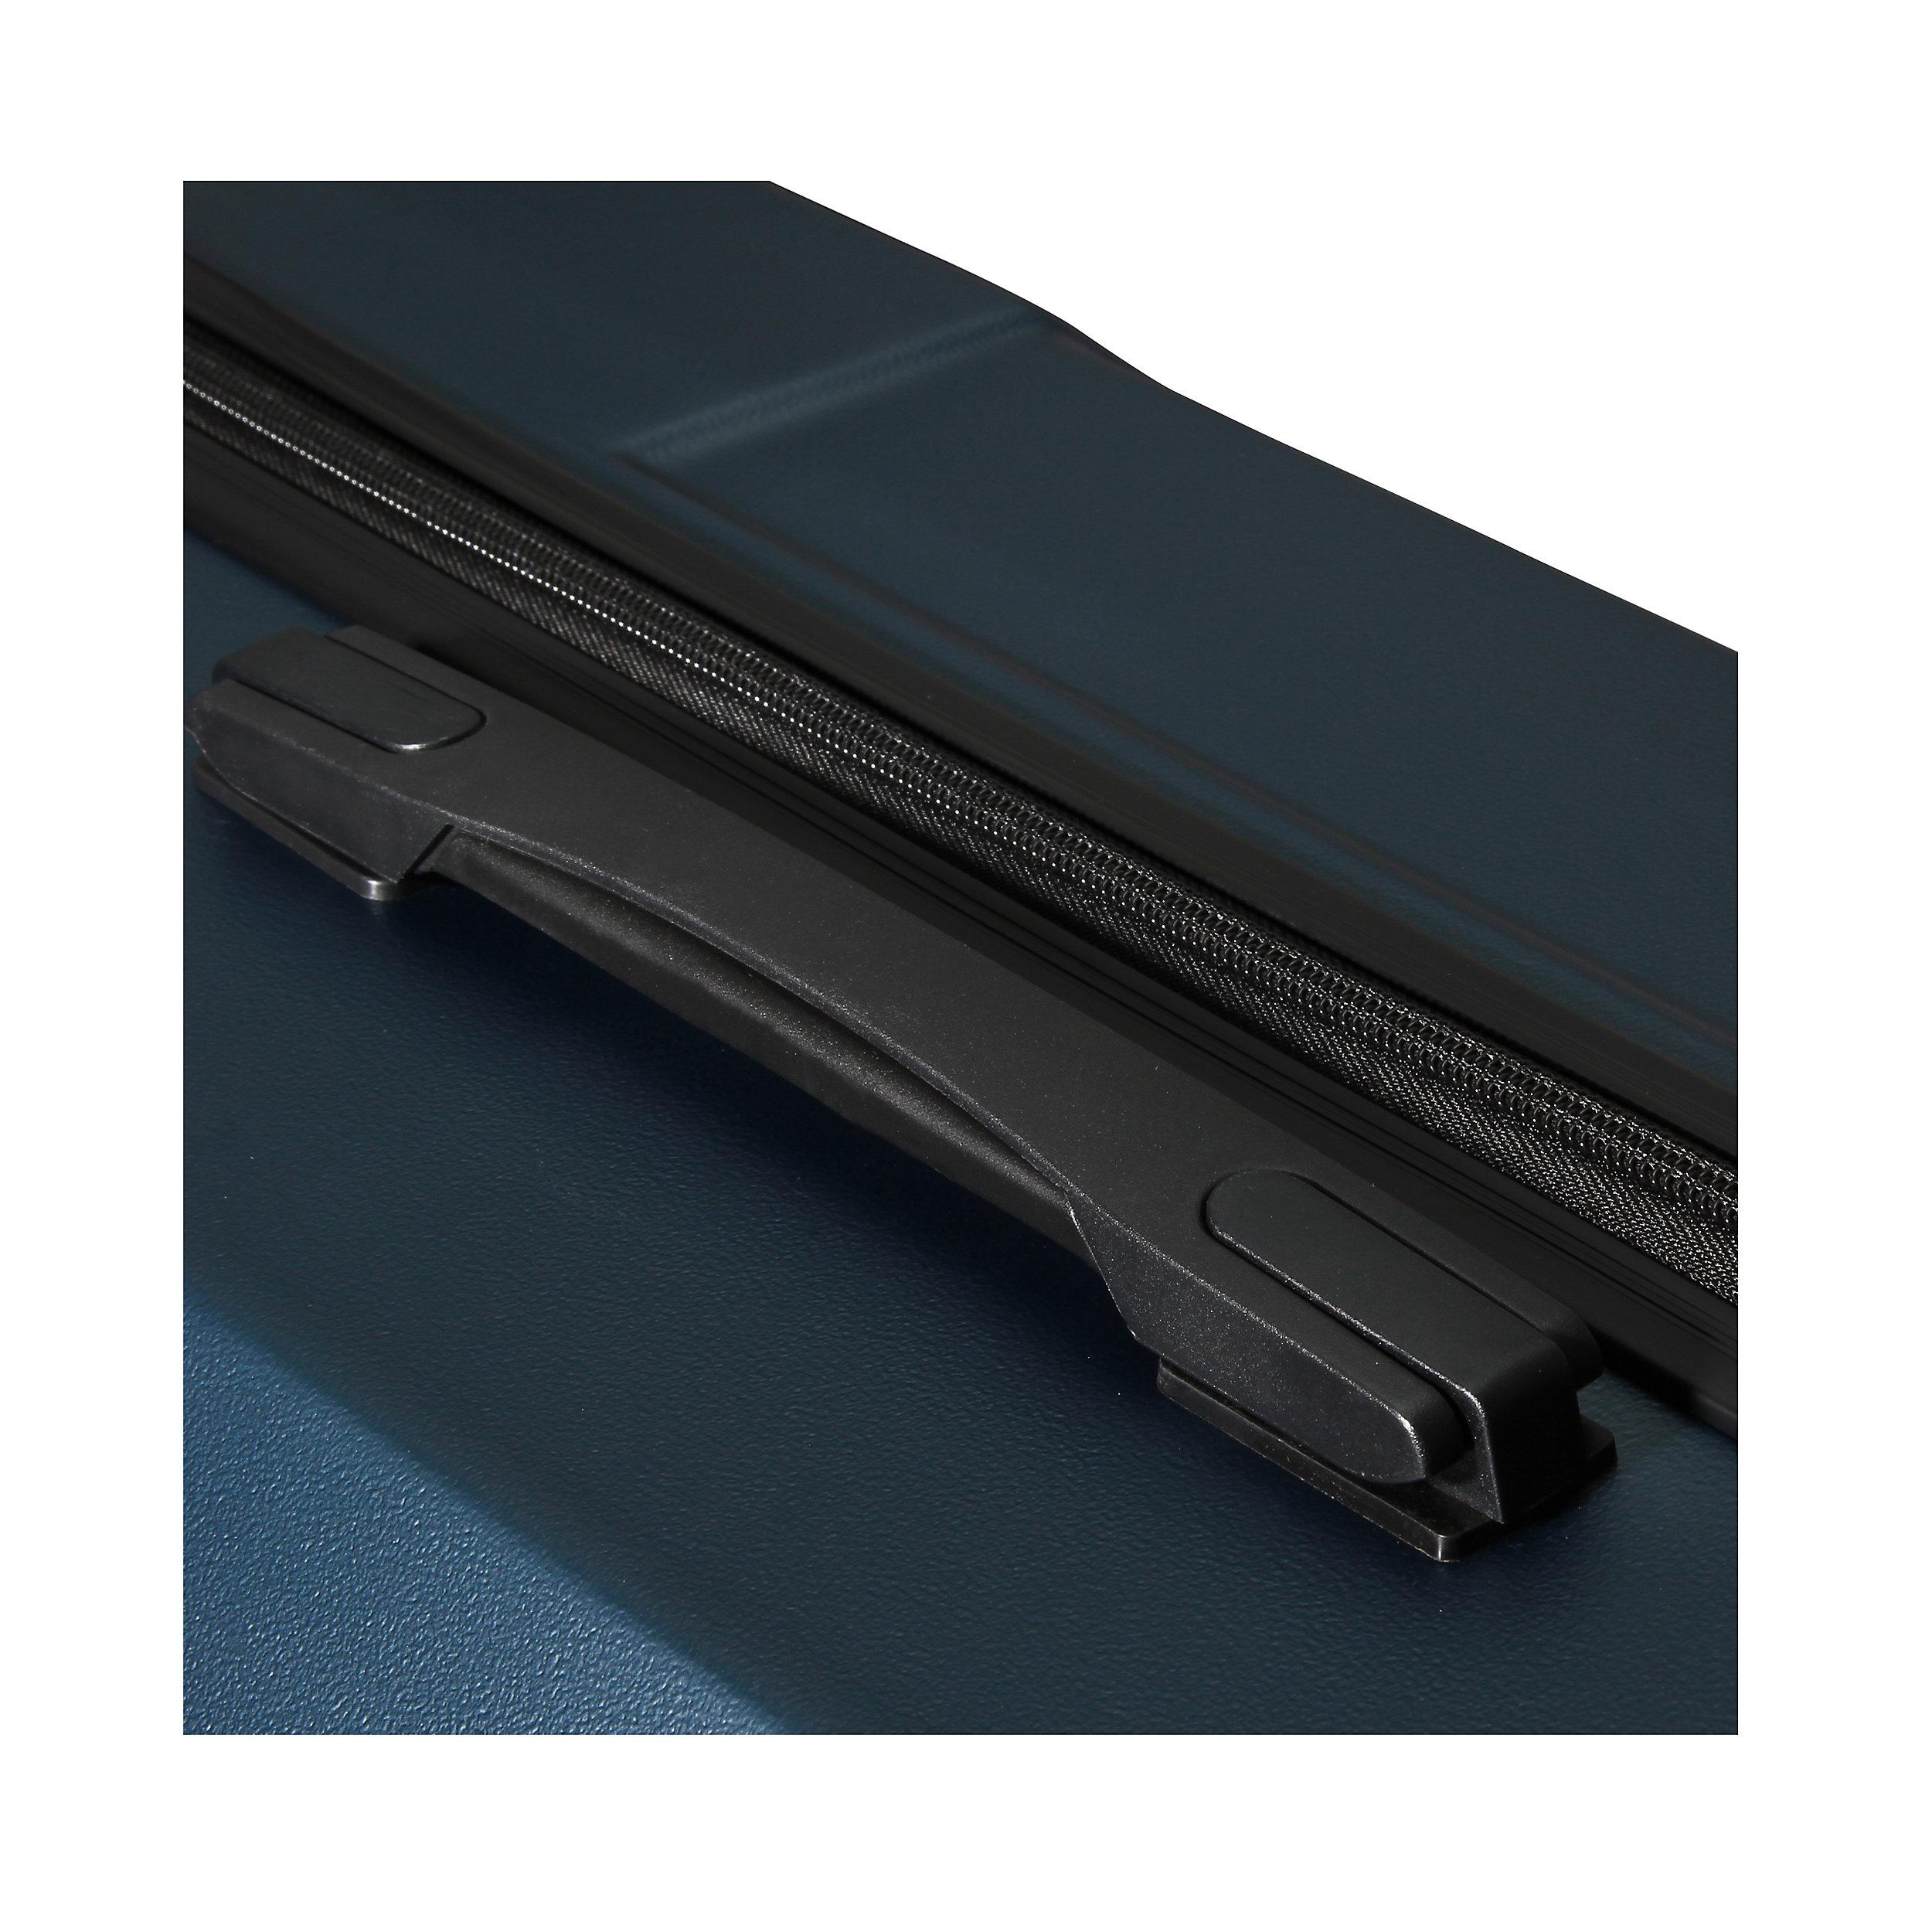 3-tlg. Trolleyset mit 4 Rollen mit 4 Rollen 58/69/78 cm EXP Spirit S/M/L 211 Liter